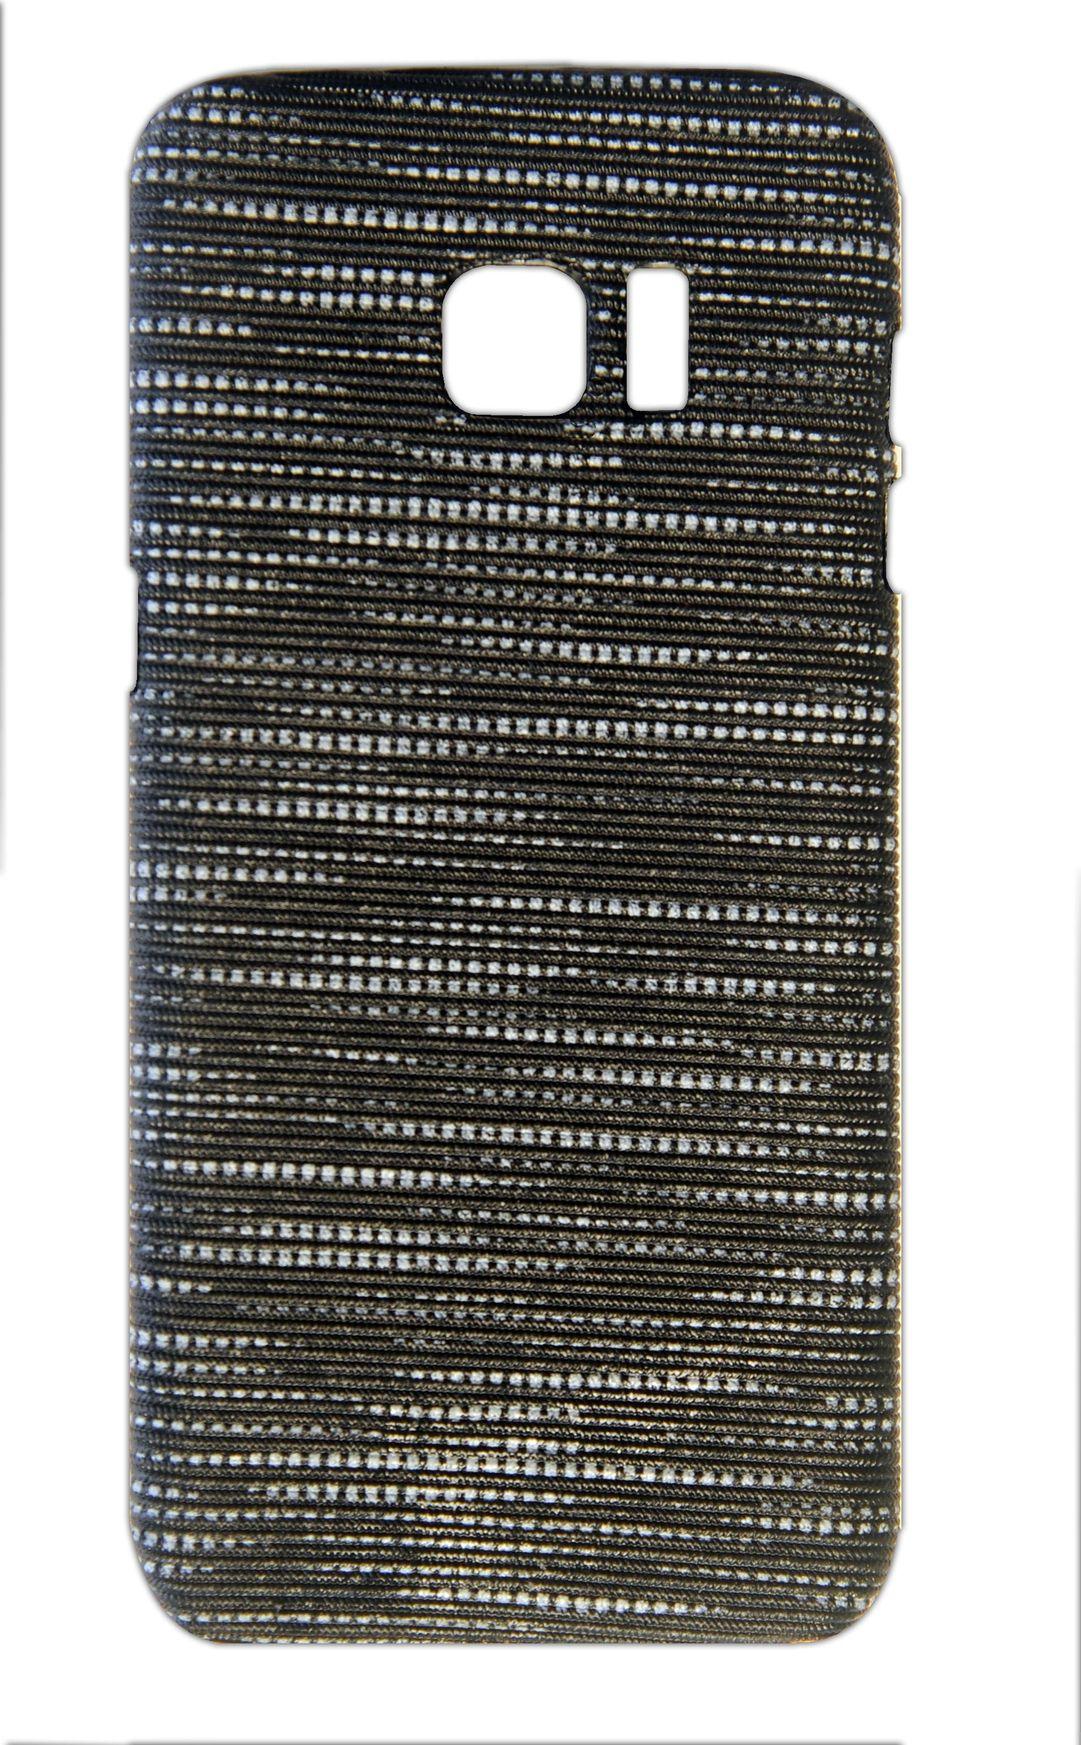 Samsung S7 Edge Designer Back CoverBlack   White